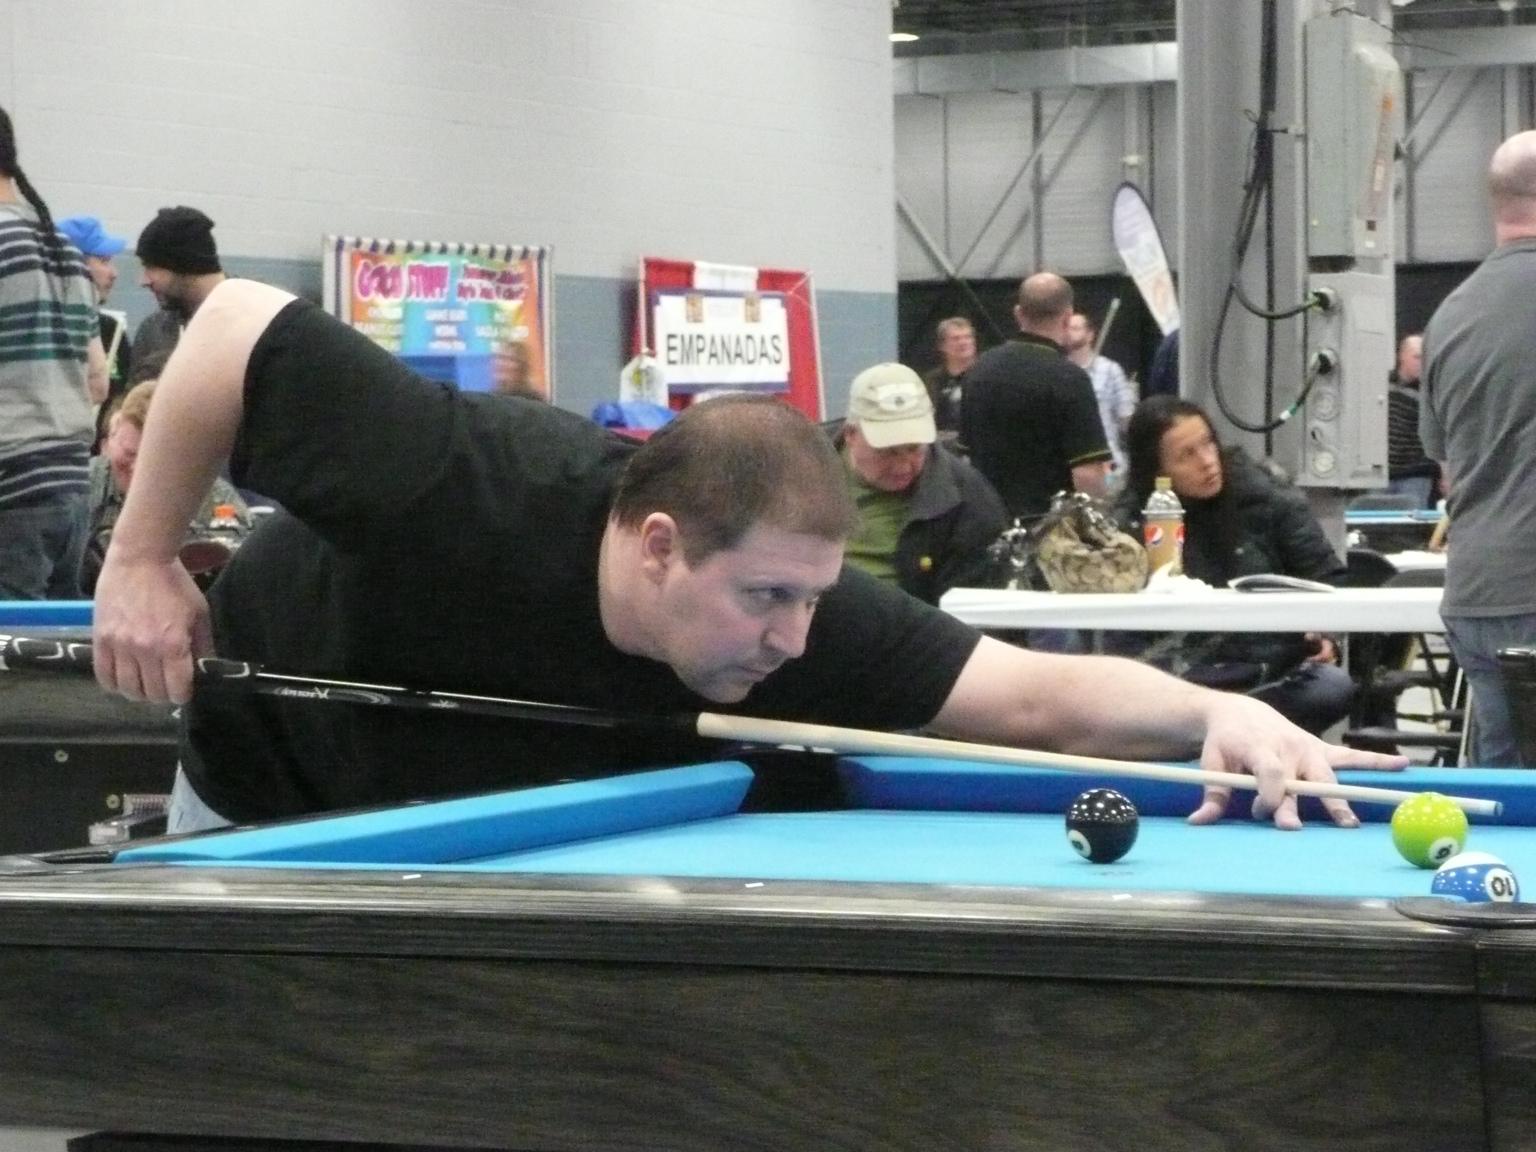 Amateur League Pool